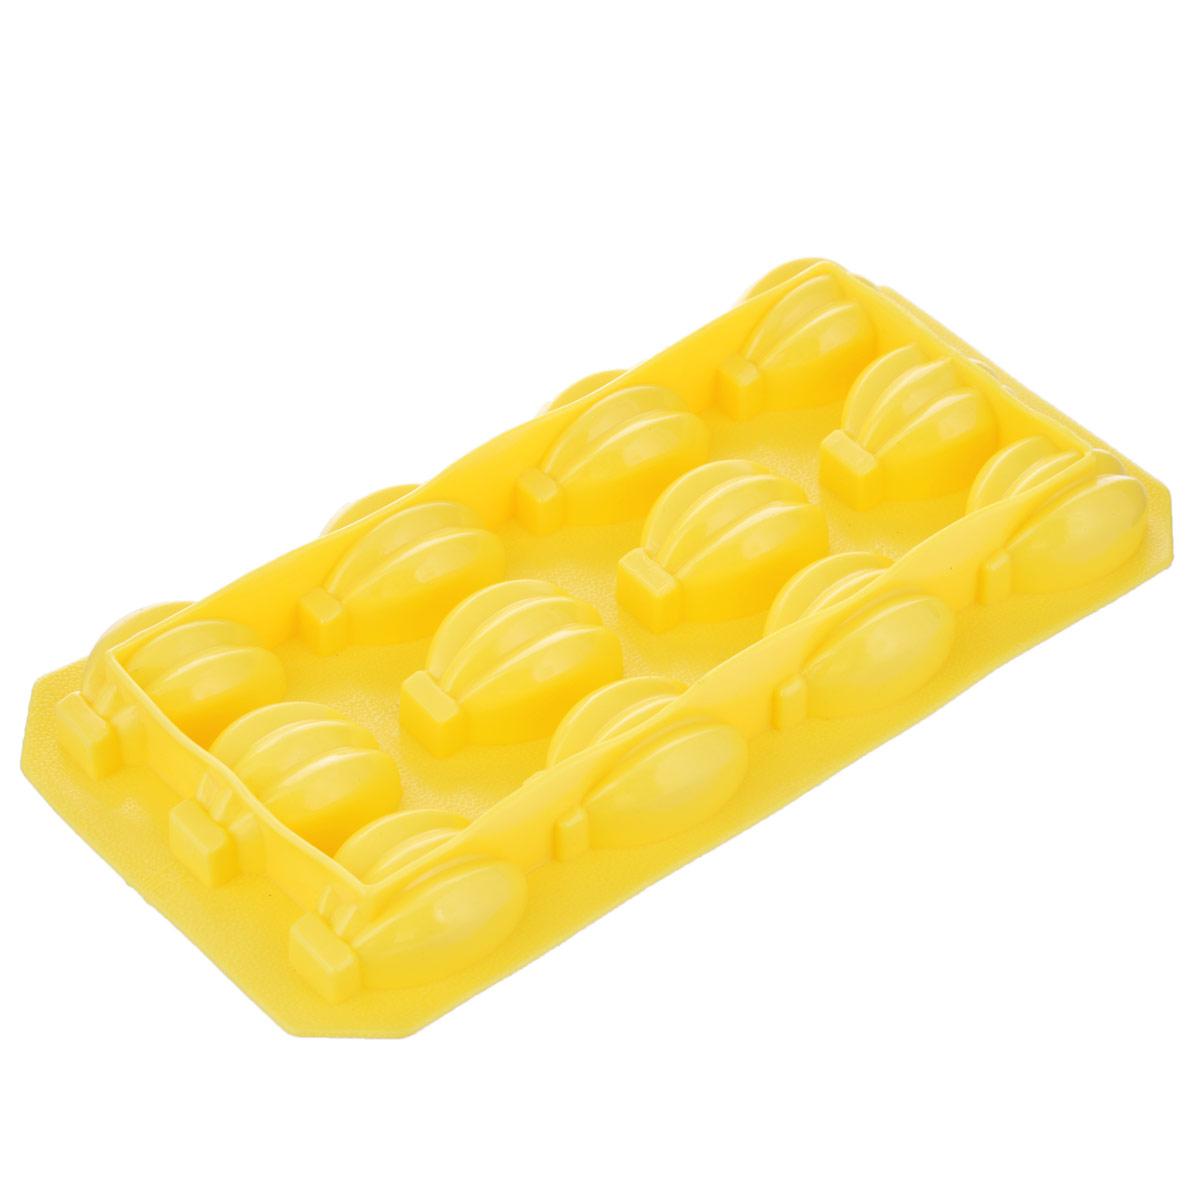 Форма для льда Fackelmann Банан, цвет: желтый, 12 ячеек49387_желтыйФорма для льда Fackelmann Банан выполнена из силикона. На одном листе расположено 12 формочек. Благодаря тому, что формочки изготовлены из мягкого материала, готовый лед вынимать легко и просто. Чтобы достать льдинки, эту форму не нужно держать под теплой водой или использовать нож. Теперь на смену традиционным квадратным пришли новые оригинальные формы для приготовления фигурного льда, которыми можно не только охладить, но и украсить любой напиток. В формочки при заморозке воды можно помещать ягодки, такие льдинки не только оживят коктейль, но и добавят радостного настроения гостям на празднике!